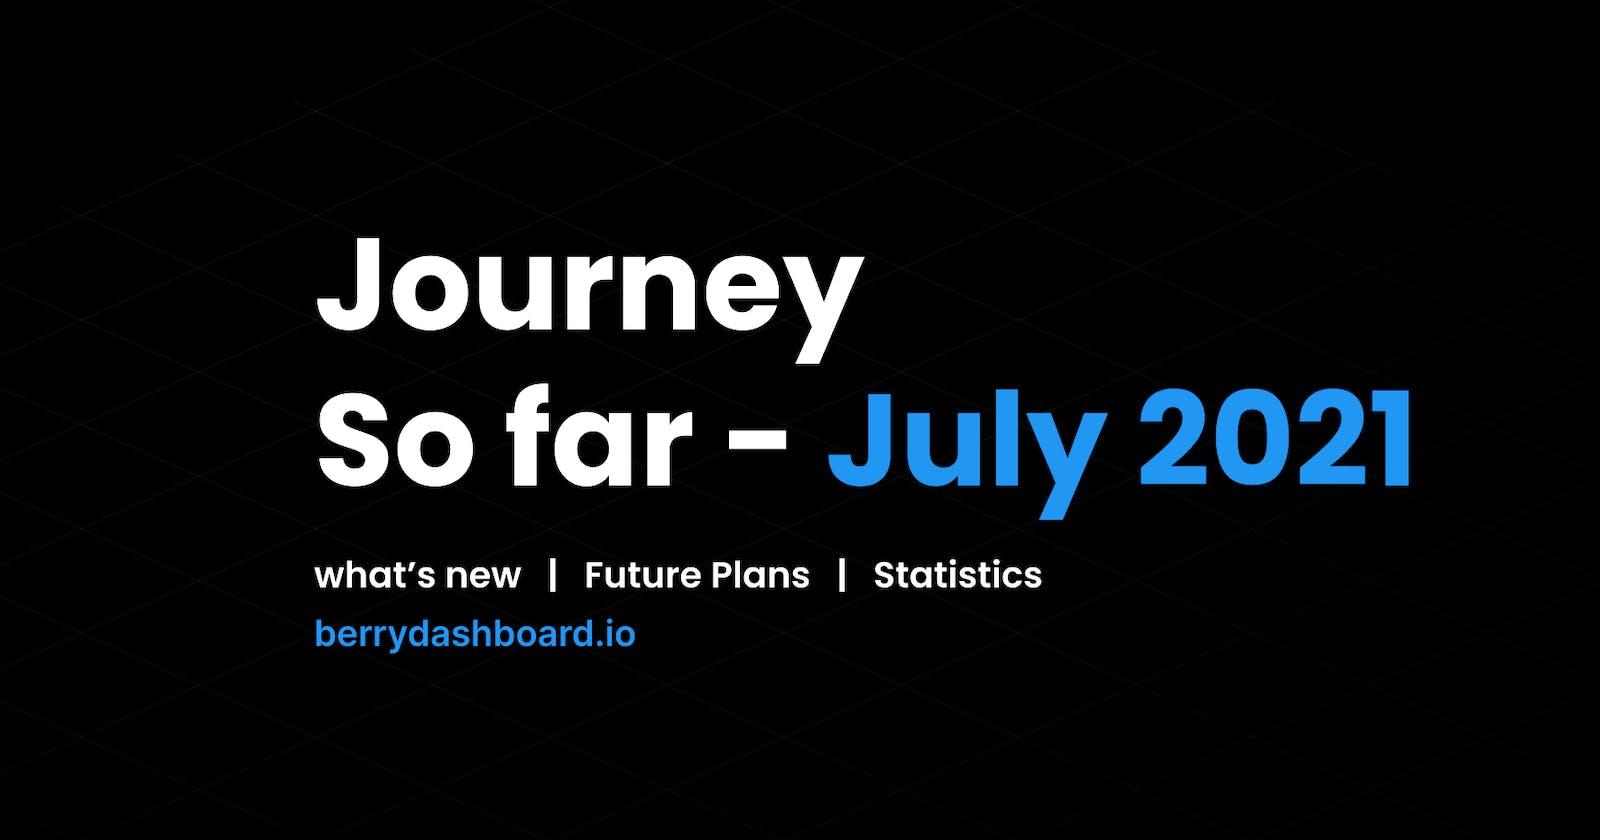 Journey So far - July 2021